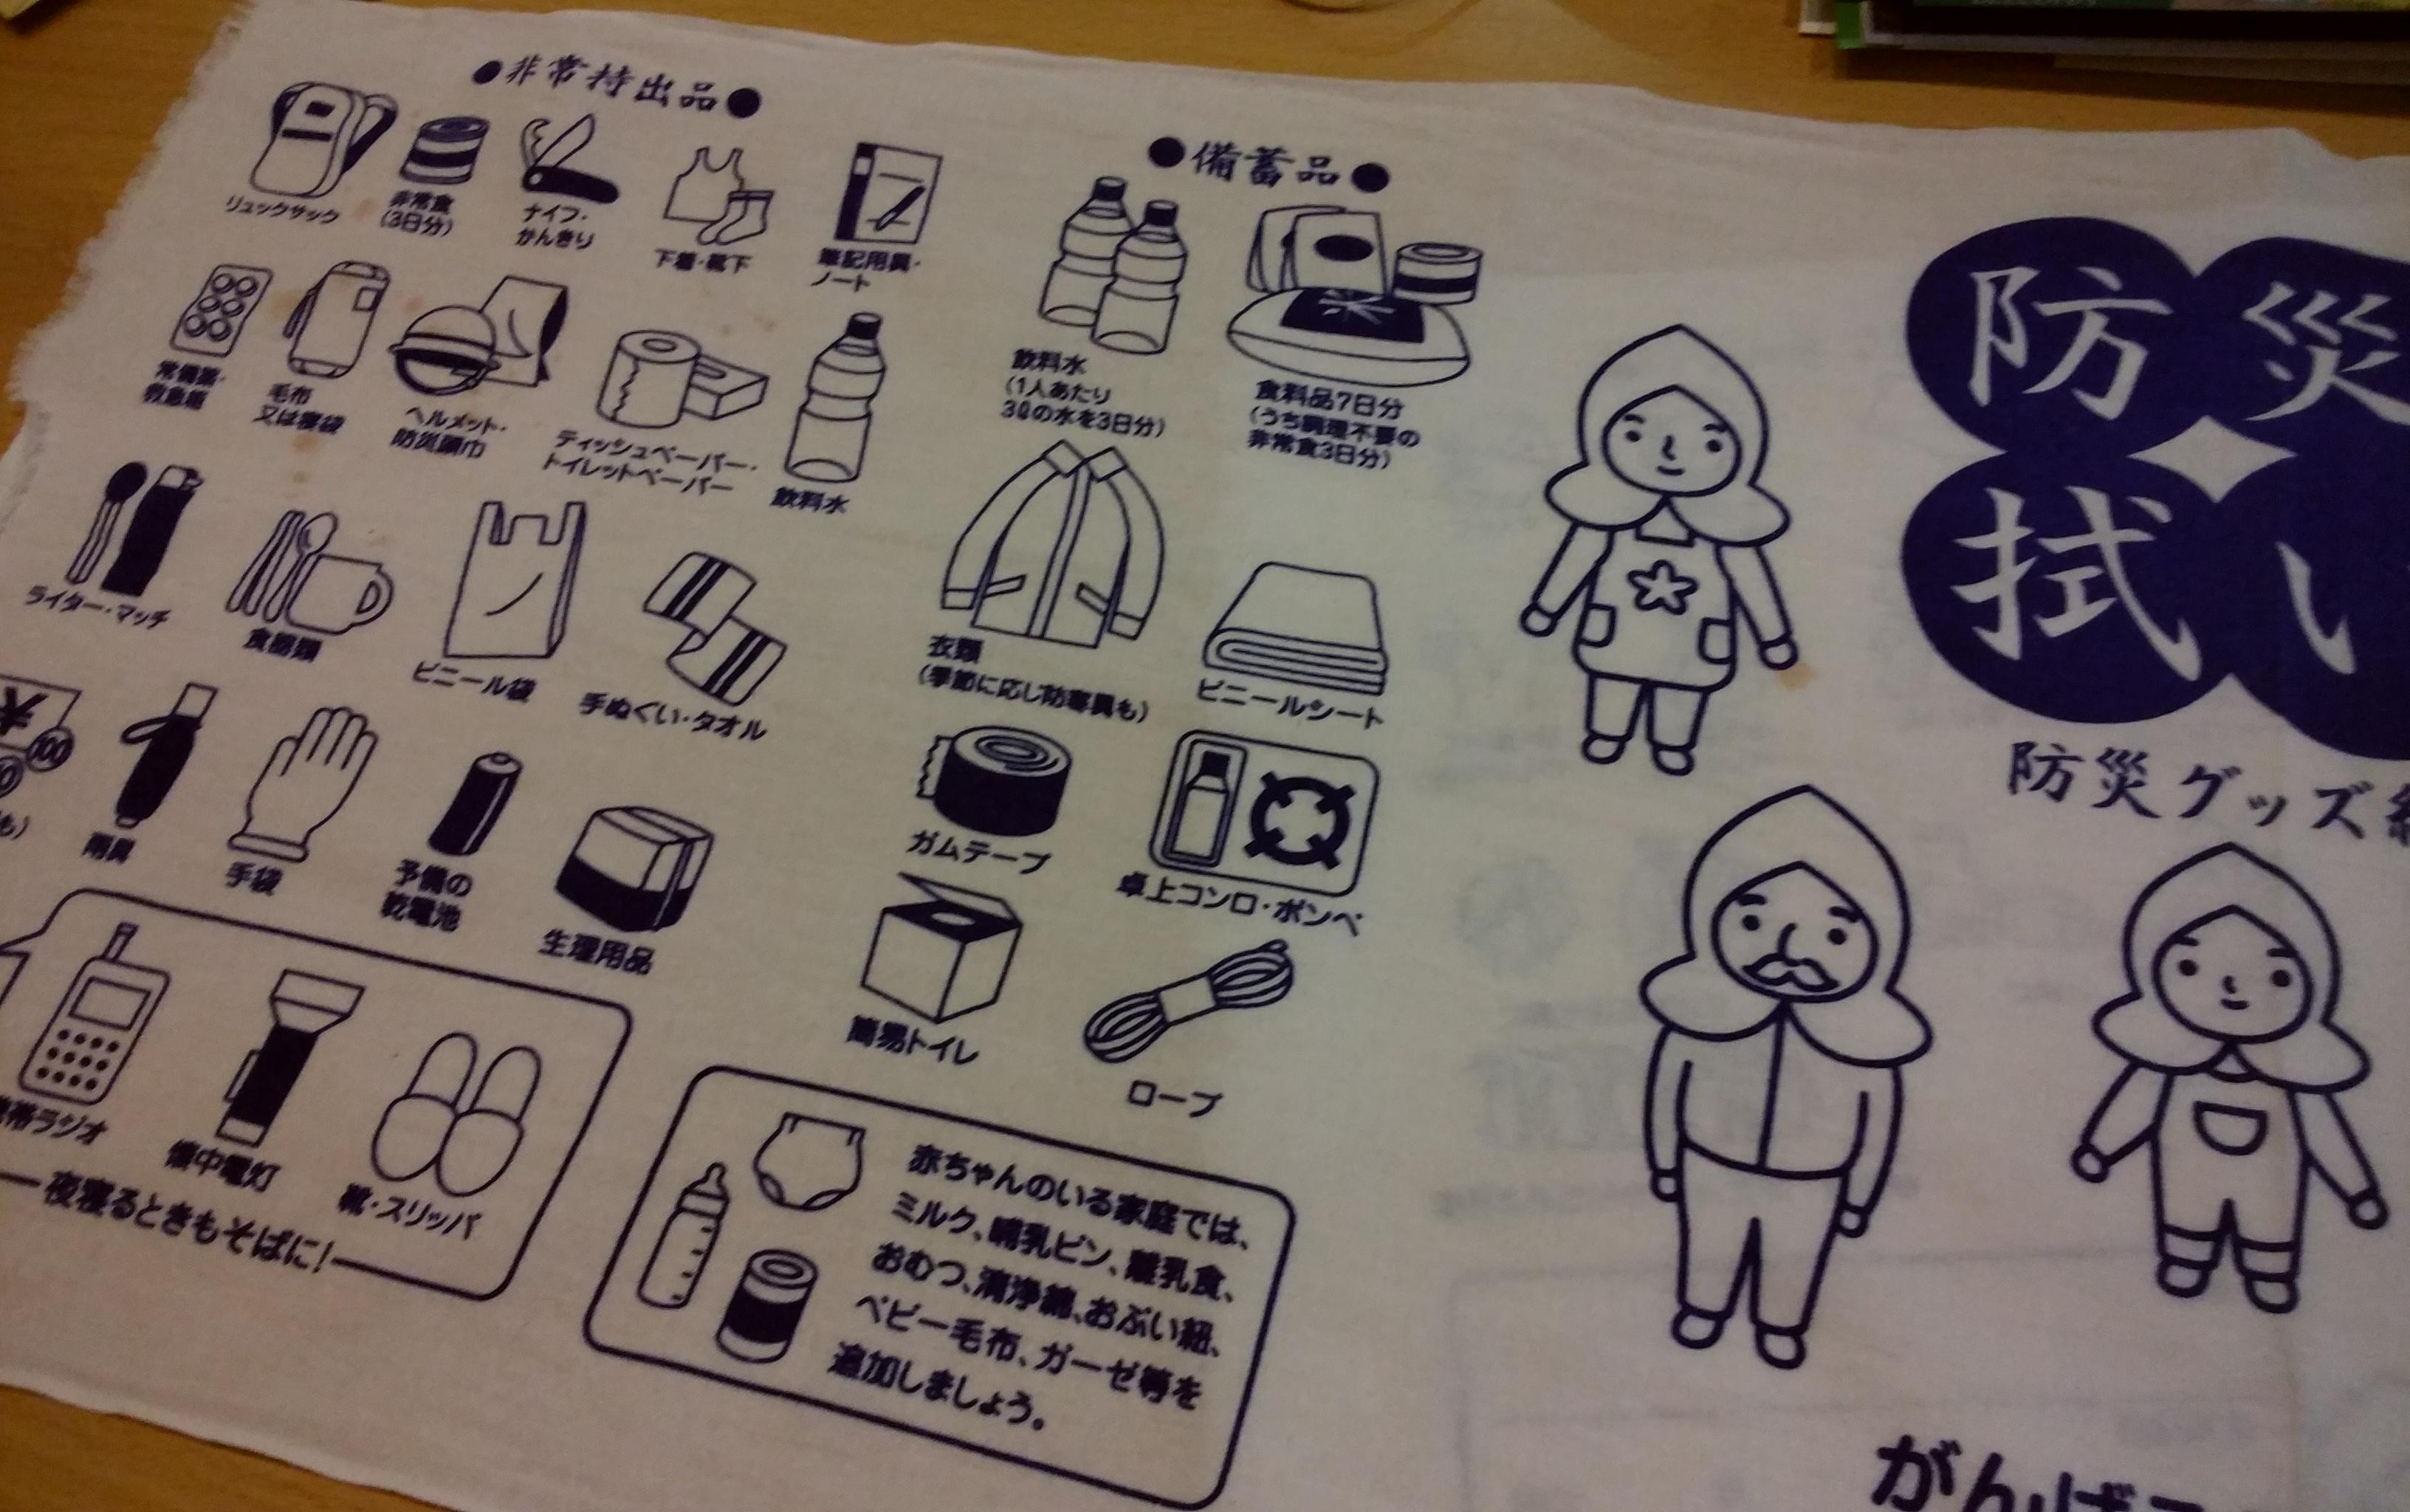 moblog_daba8da8.jpg